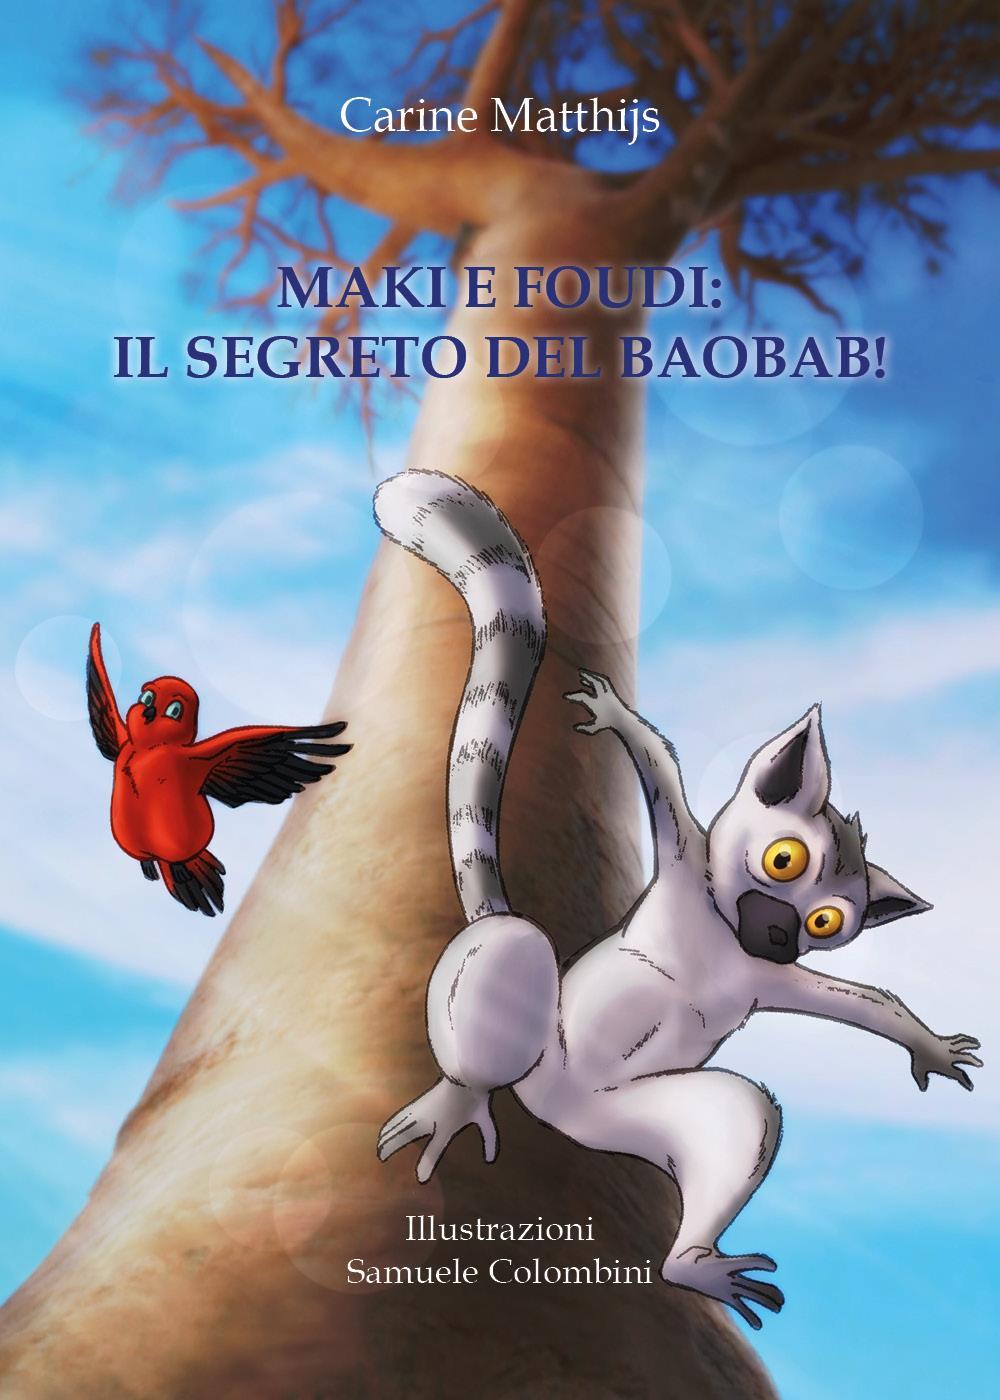 Maki e Foudi: il Segreto del Baobab!